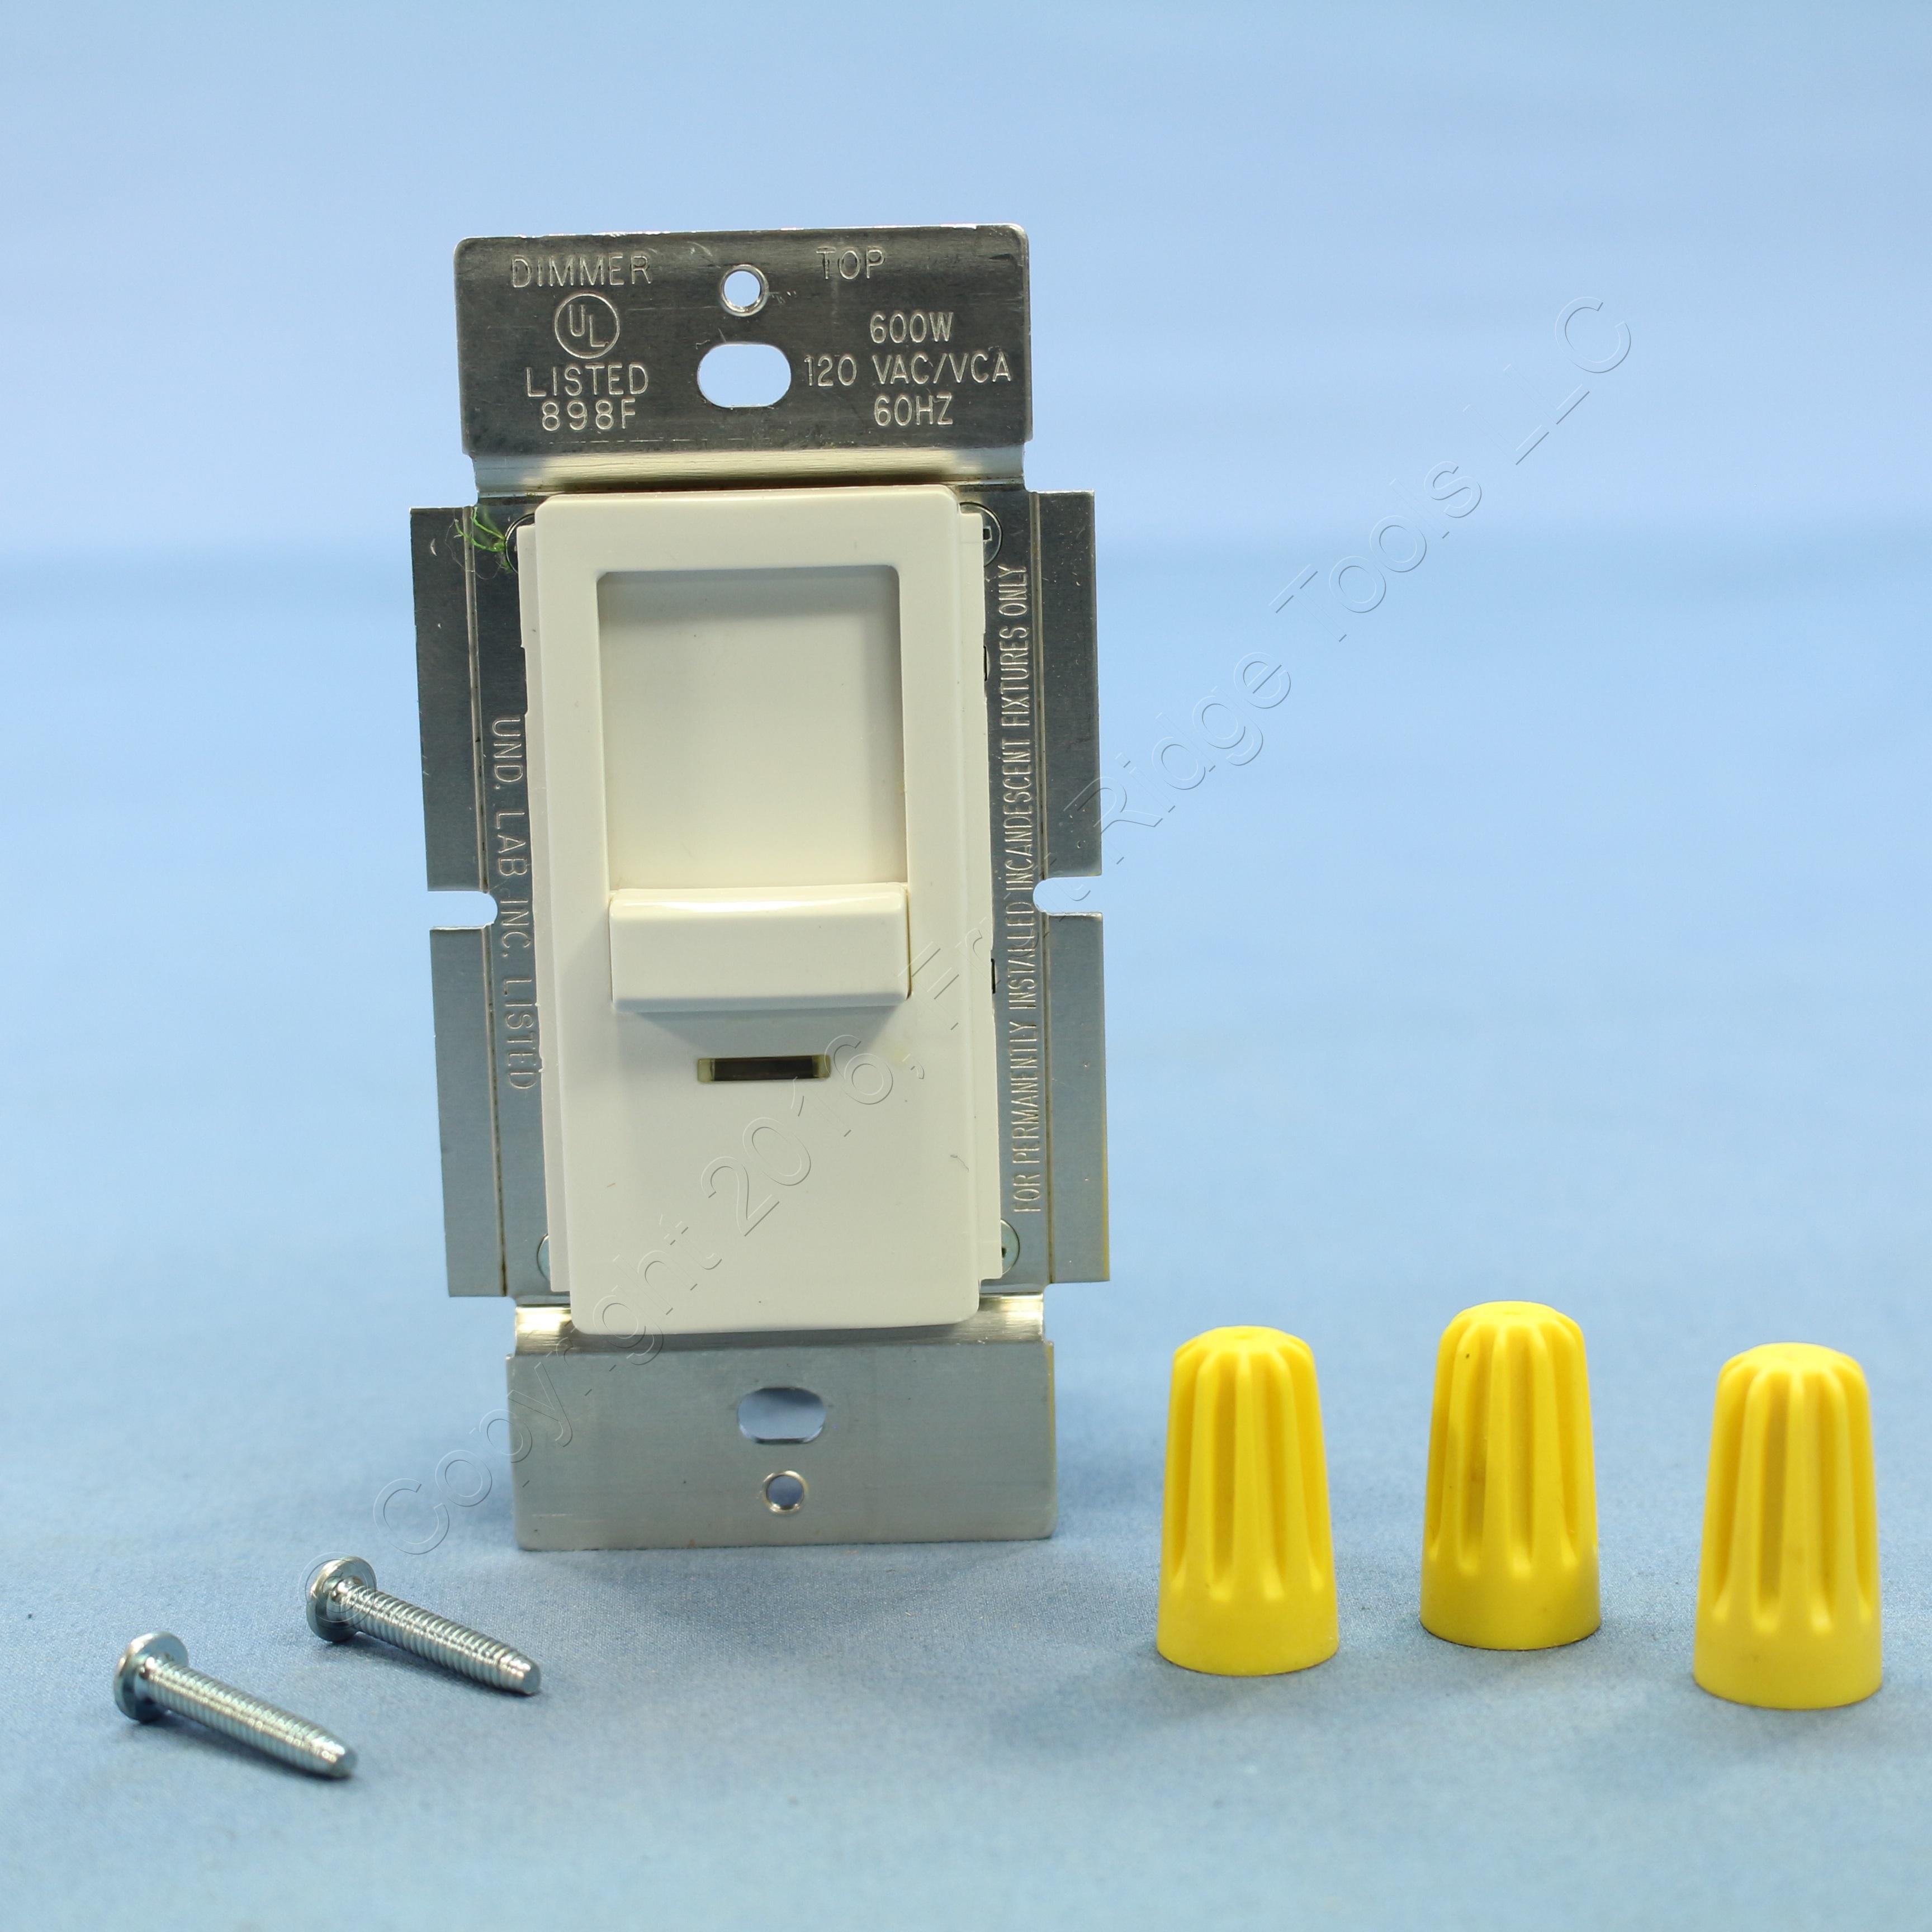 Leviton INI06-1LW White Decora Commercial Slide Dimmer Light ...